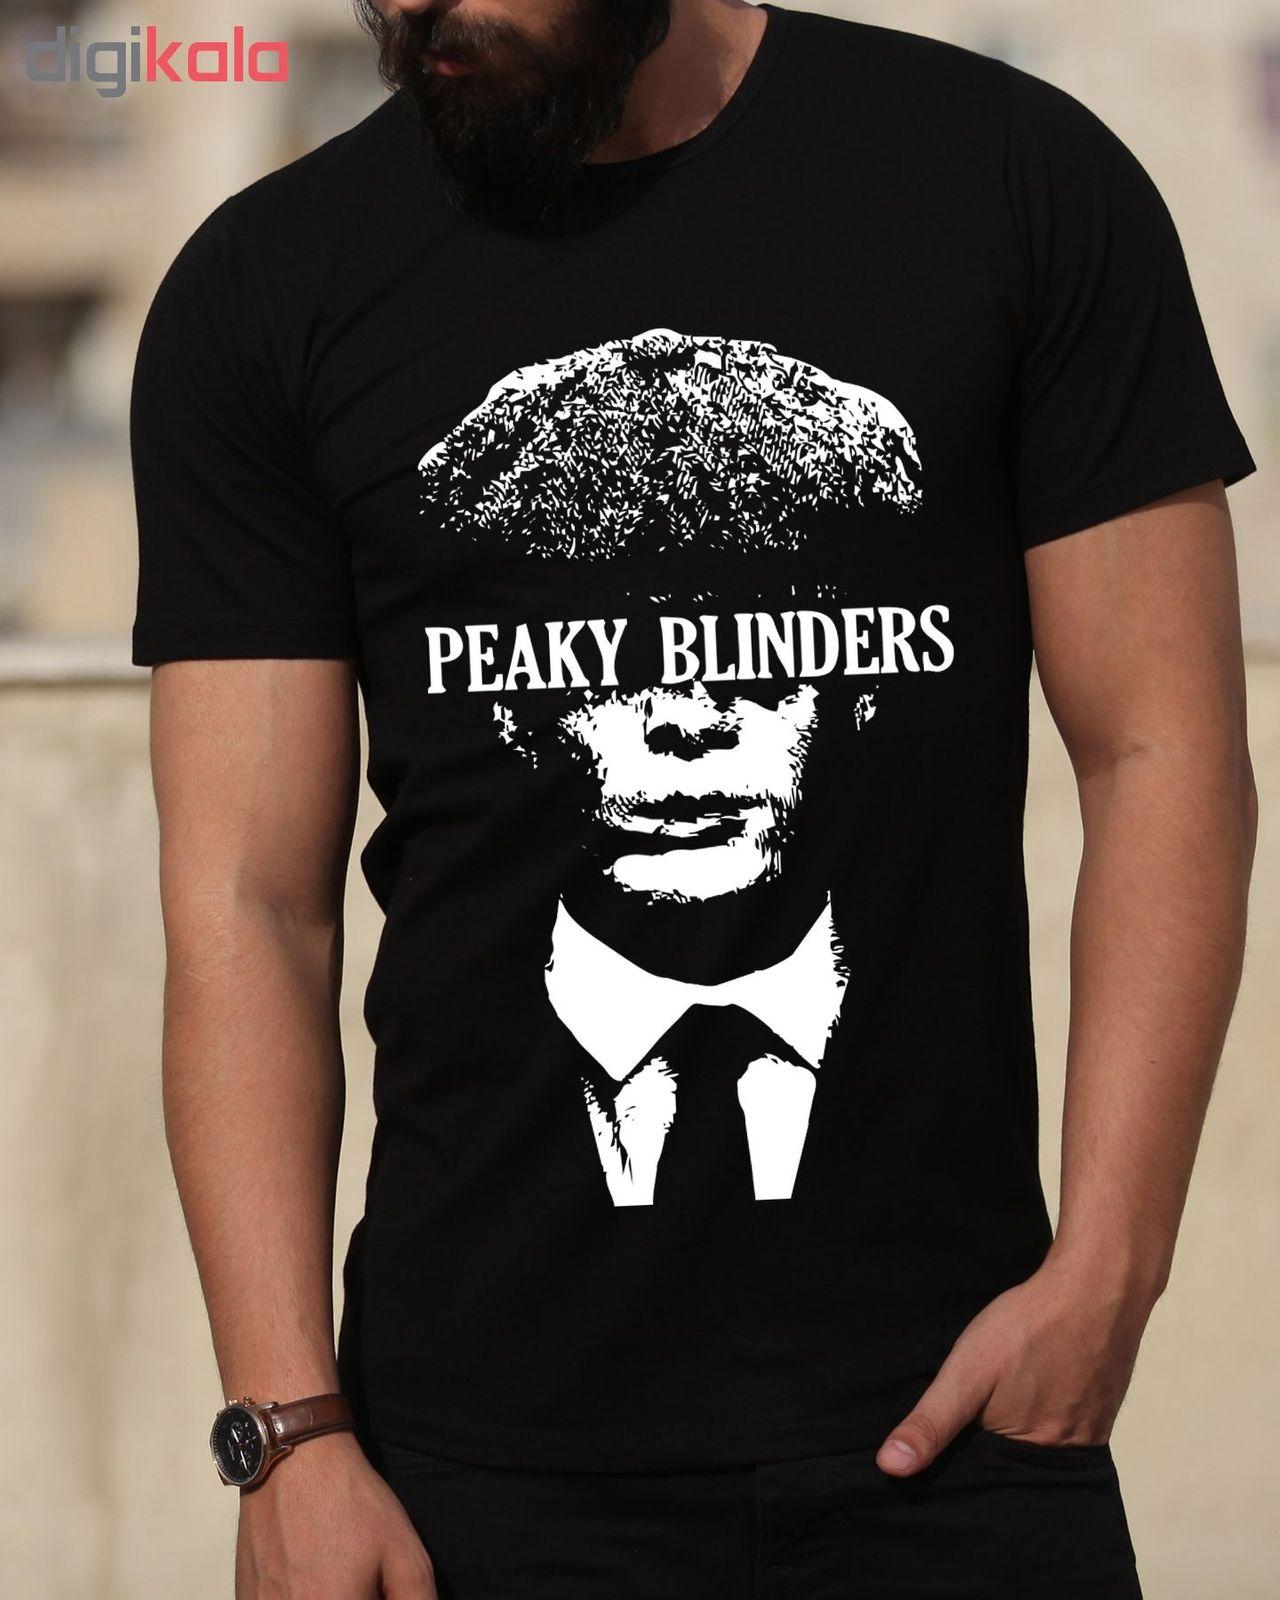 تی شرت مردانه طرح پیکی بلایندرز کد 34332 main 1 4